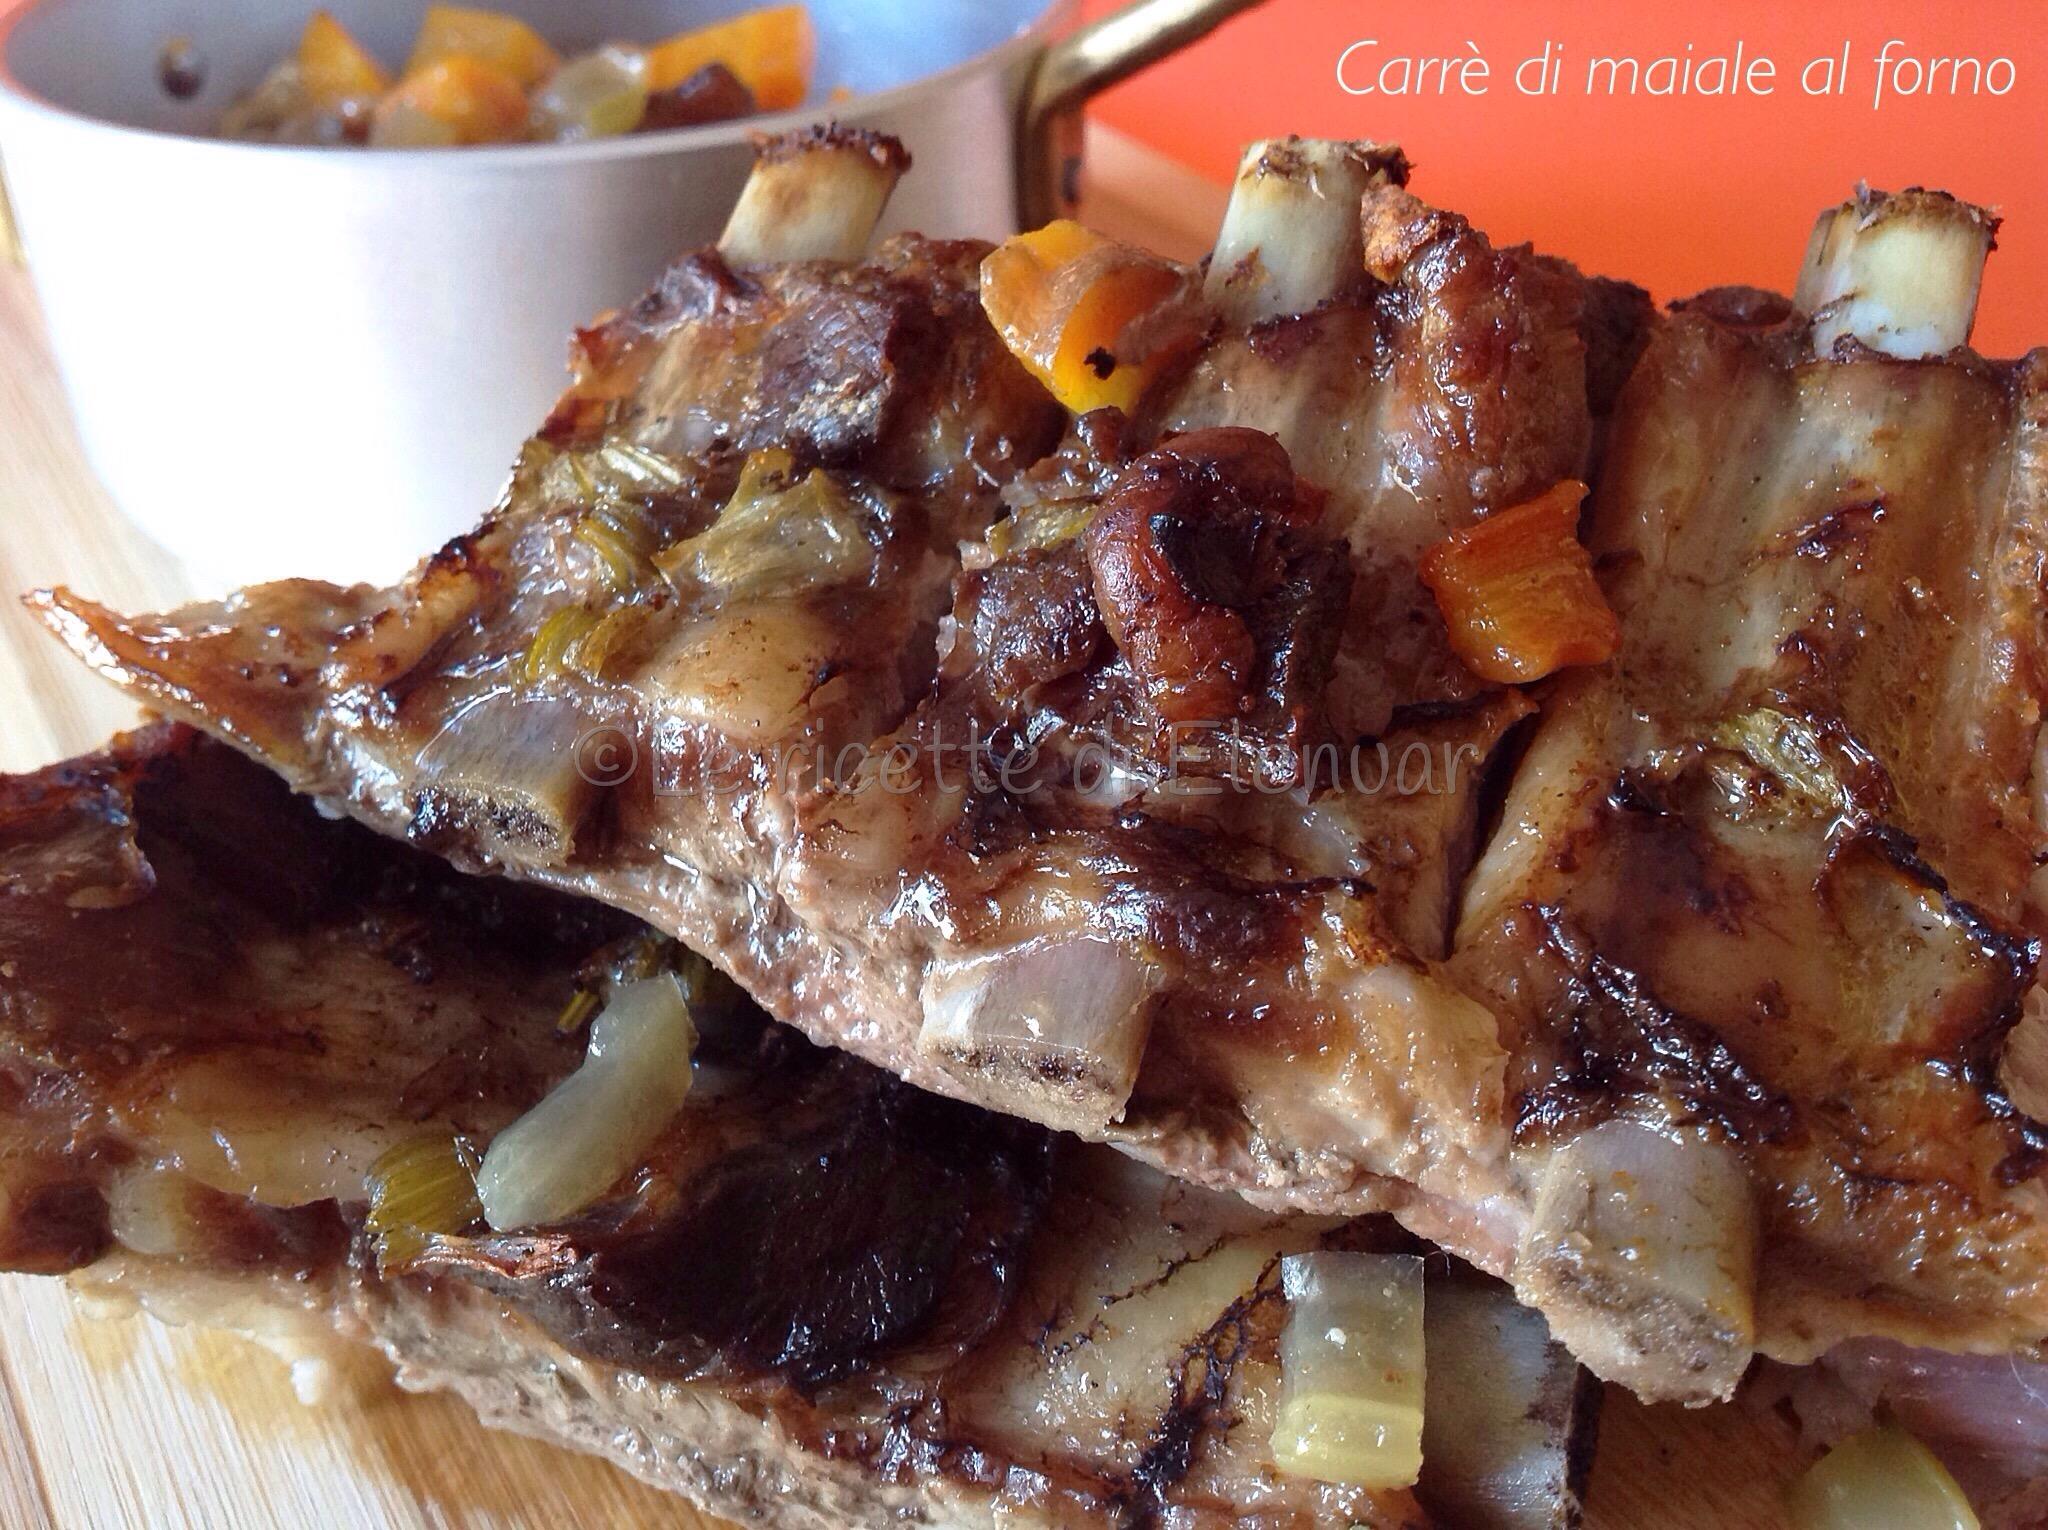 Carrè di maiale al forno con verdure - Secondo piatto